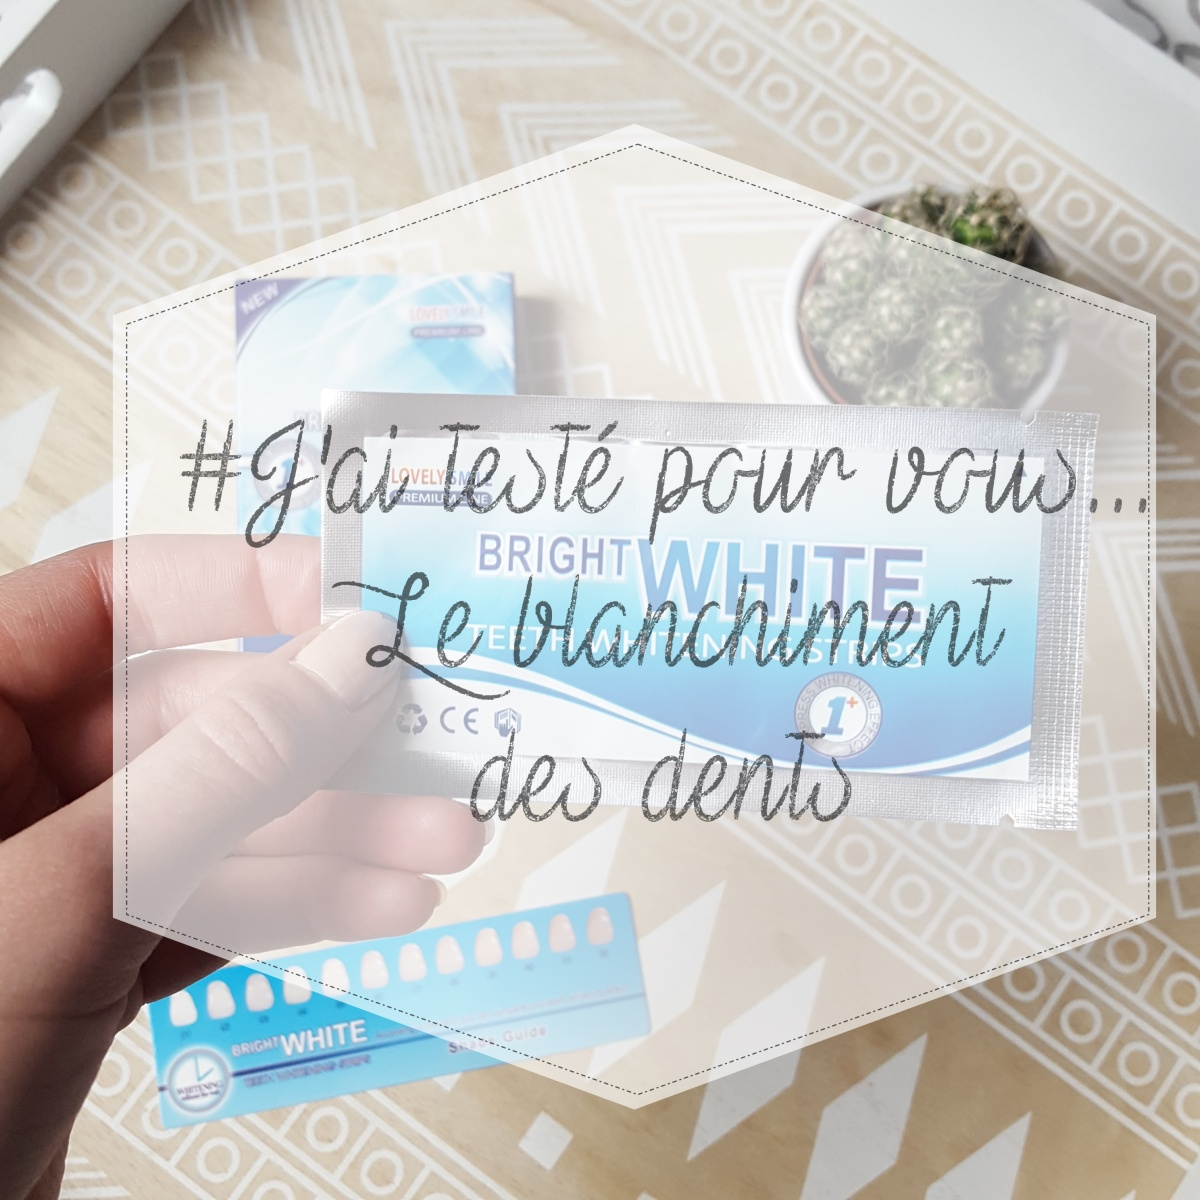 #J'ai testé pour vous... Le blanchiment des dents